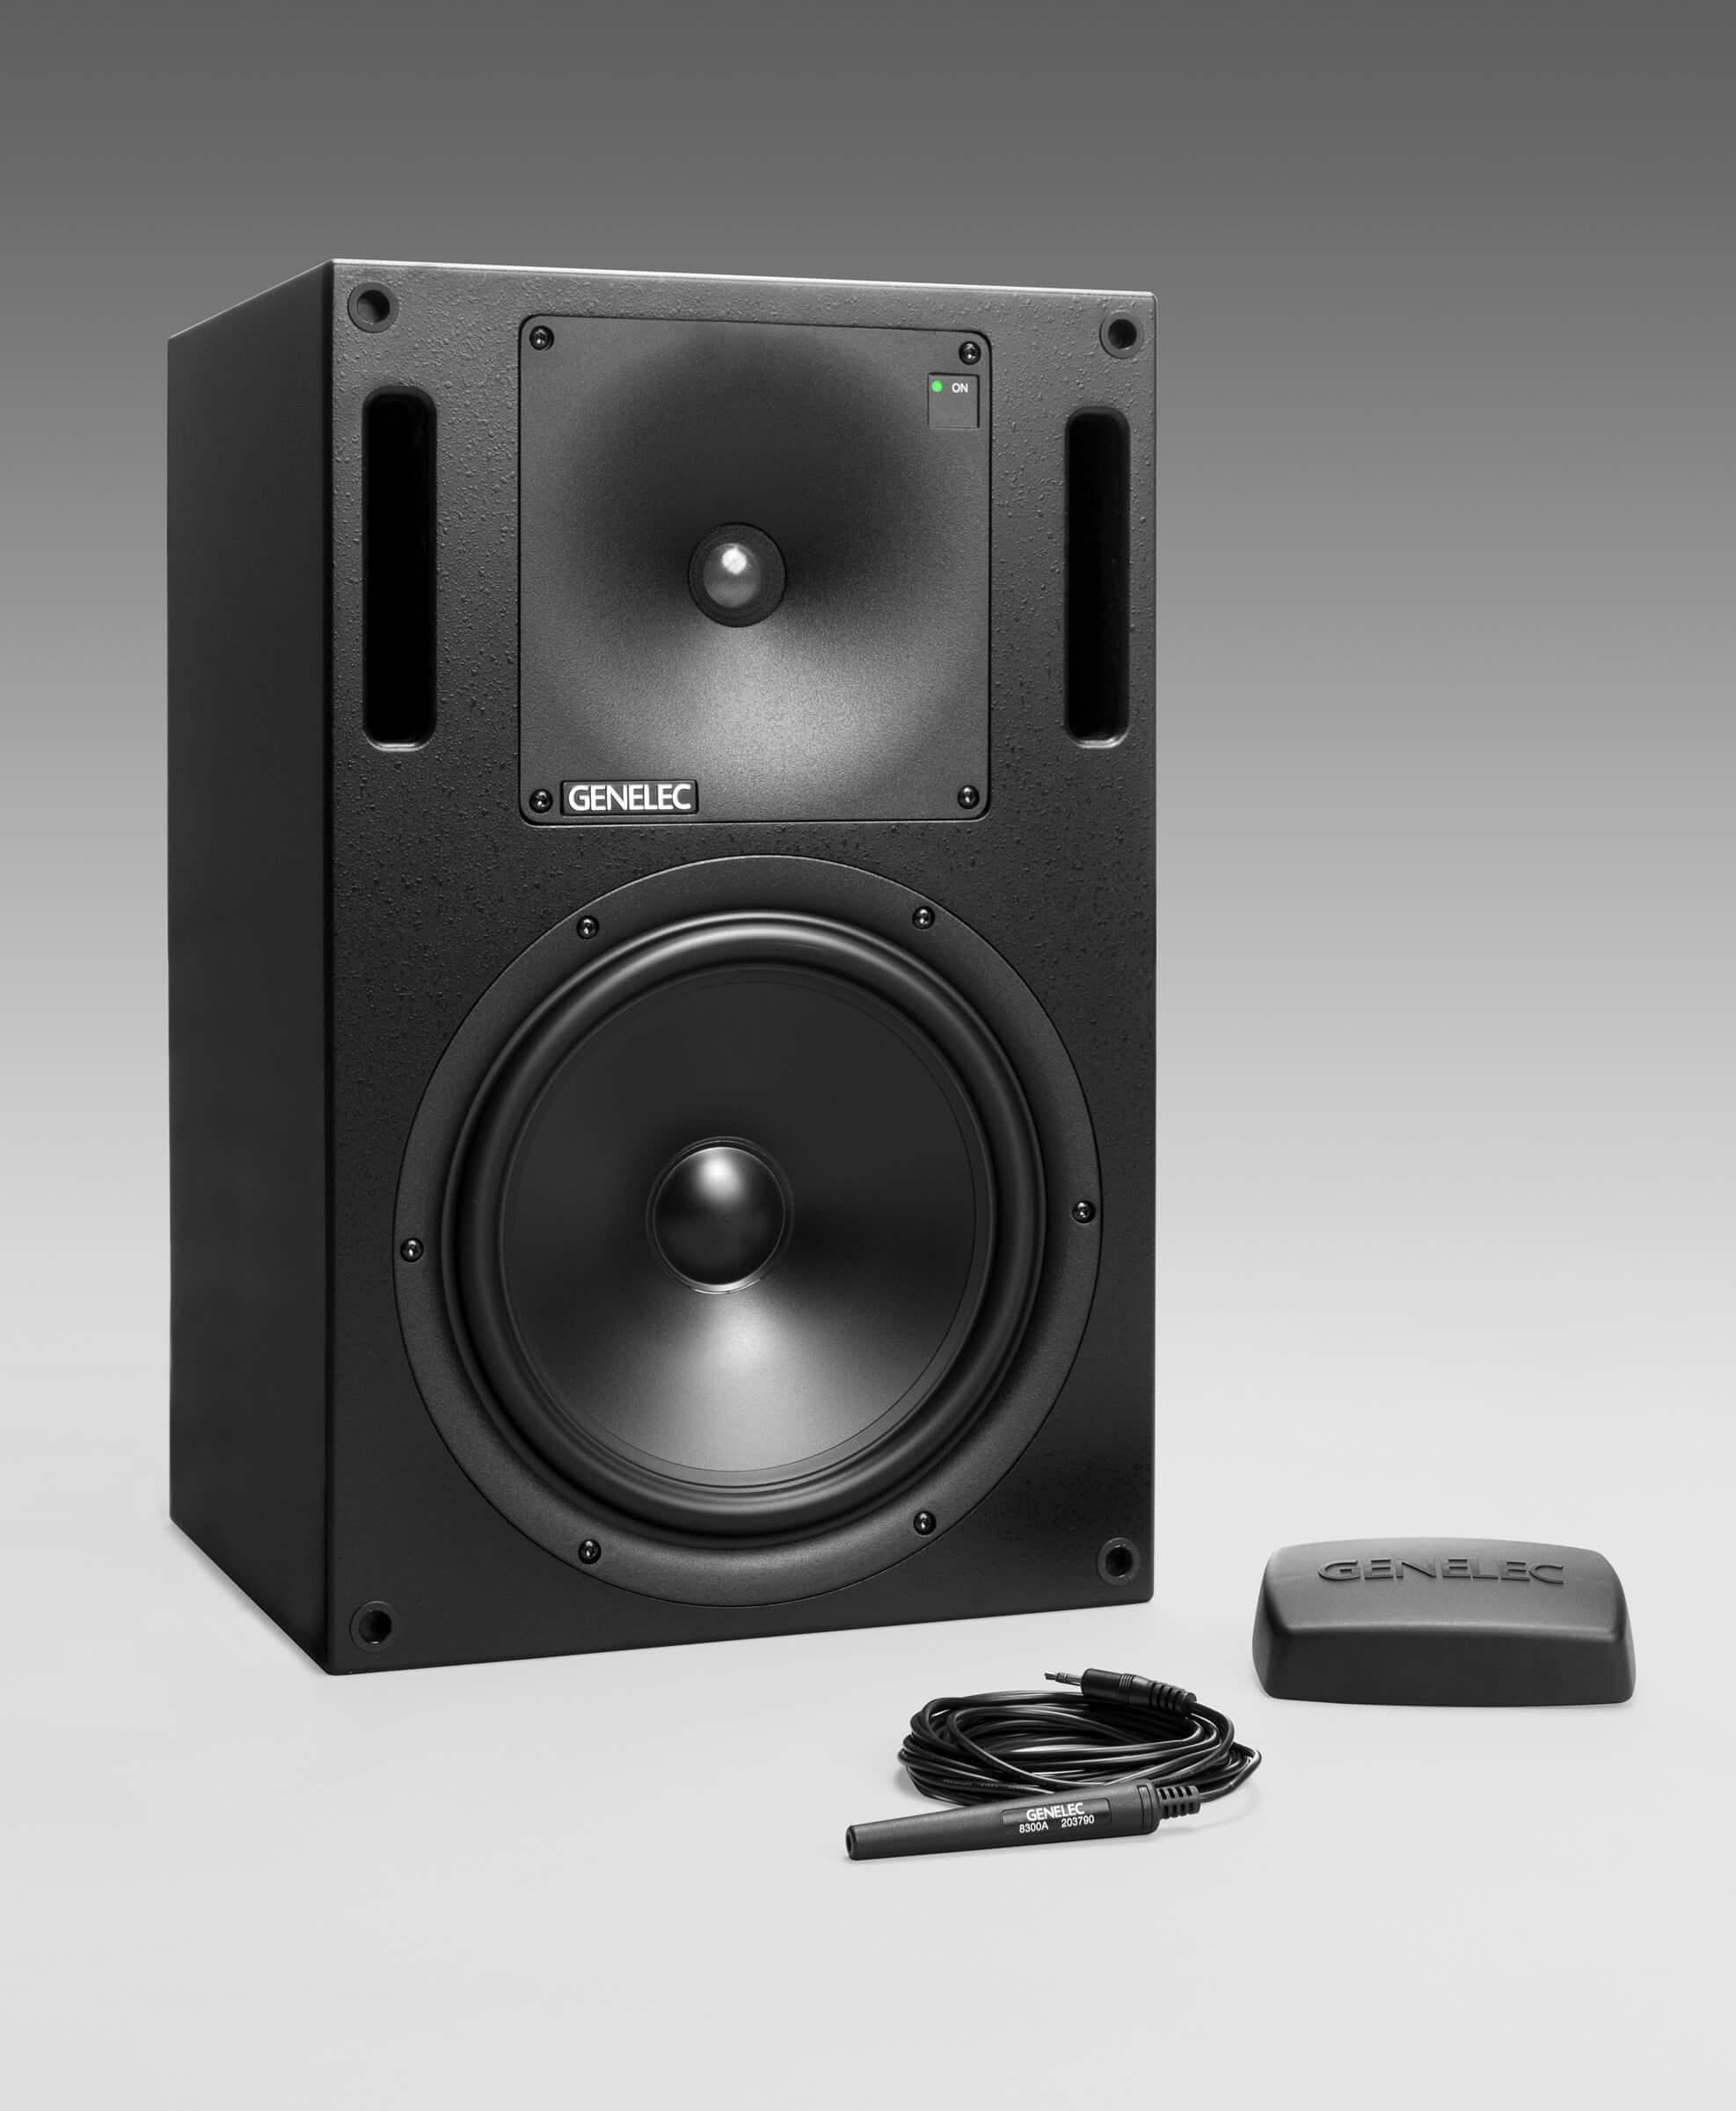 genelec 1032c fully fledged sam studio monitor introduced. Black Bedroom Furniture Sets. Home Design Ideas